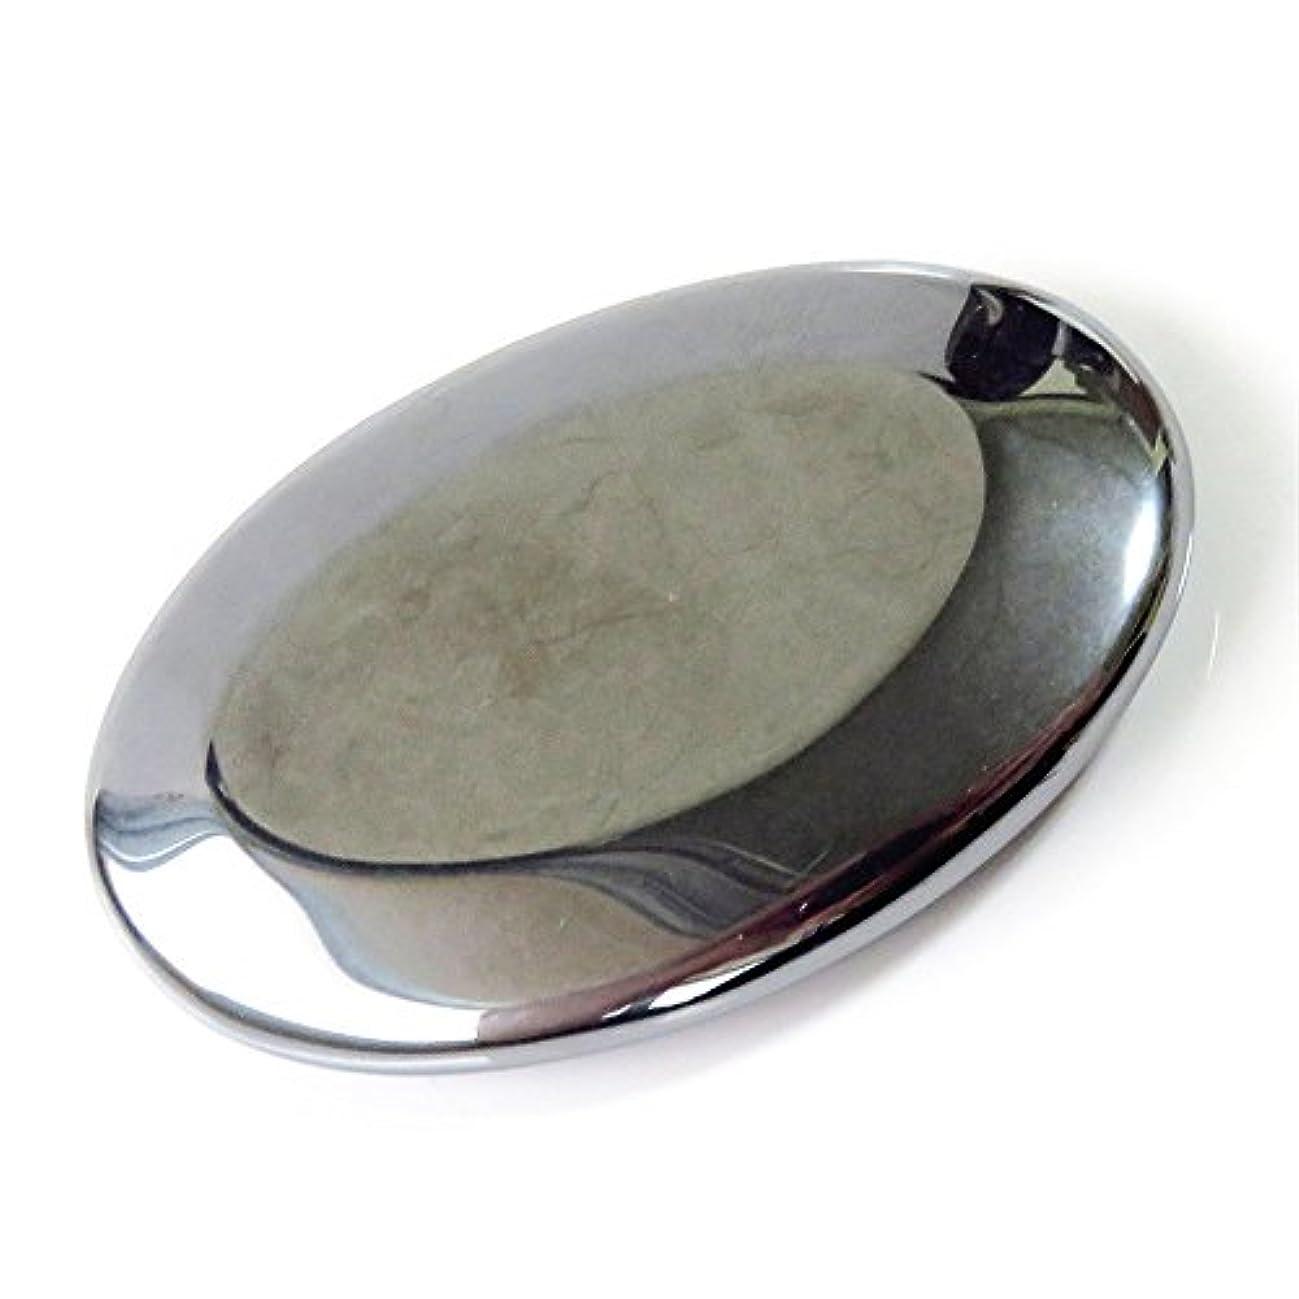 一掃する褒賞居間エステ業界も注目 テラヘルツ鉱石かっさプレート 楕円型